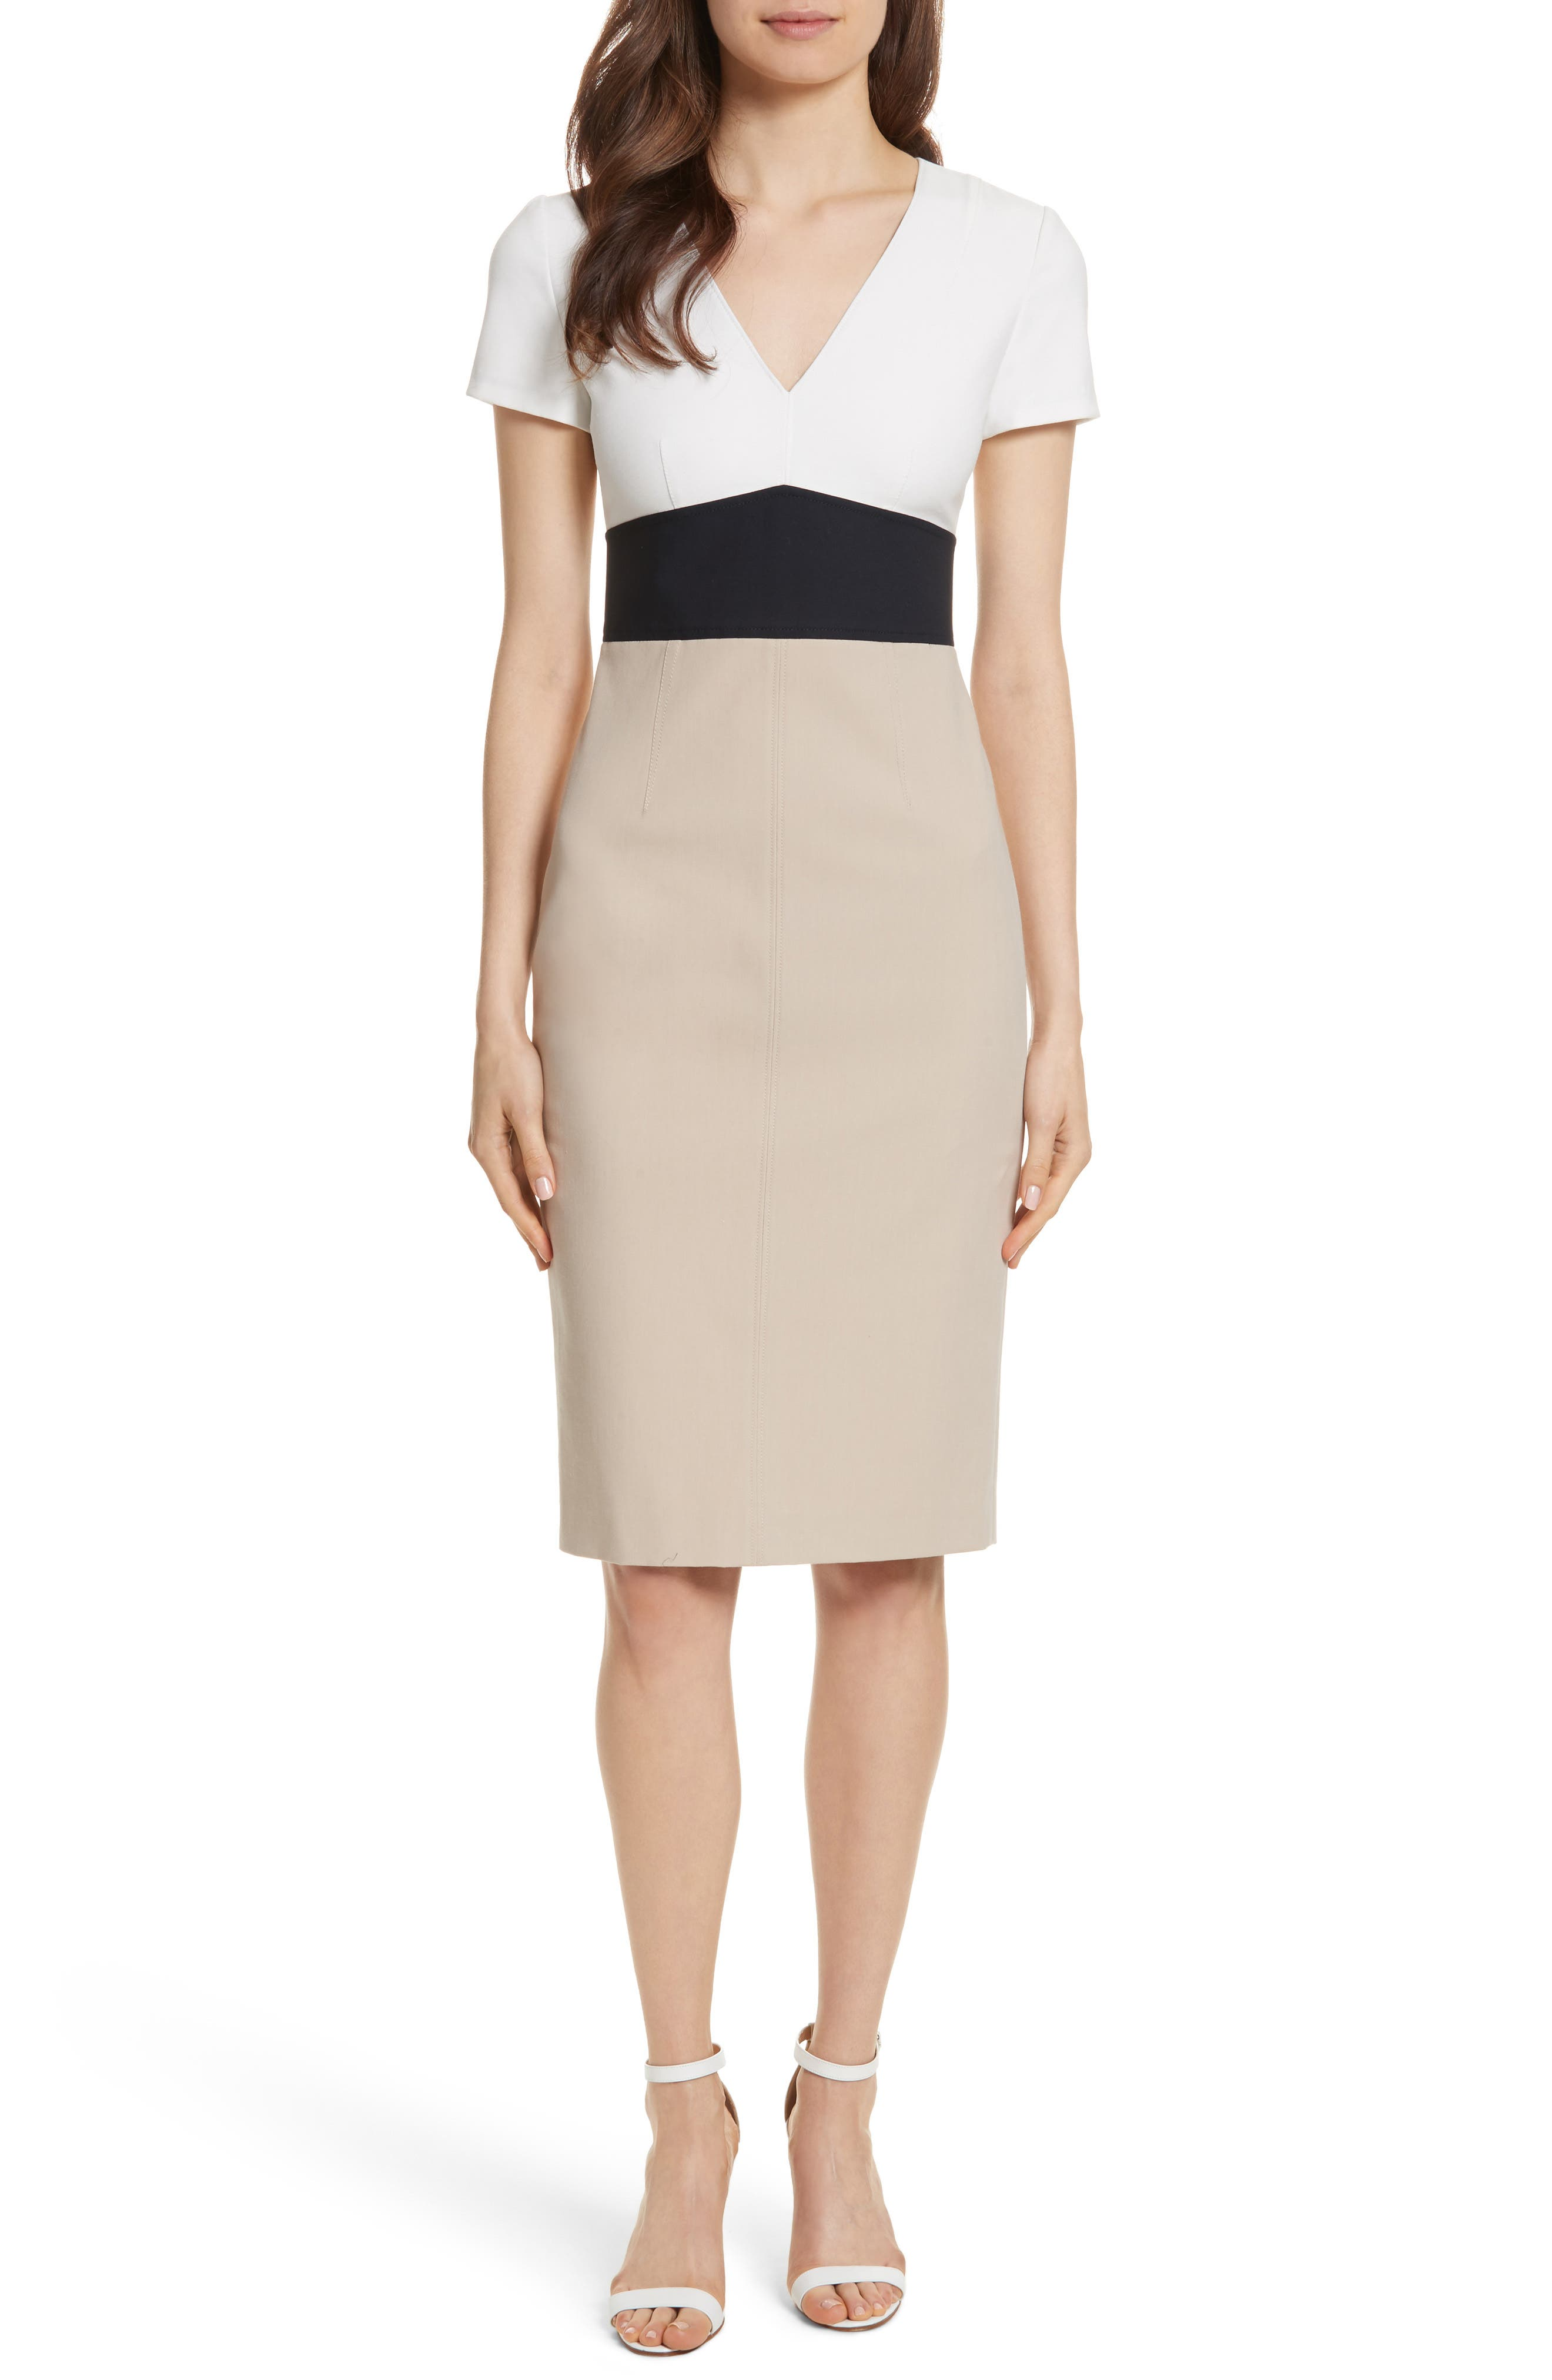 Diane von Furstenberg Colorblock Stretch Cotton Blend Sheath Dress